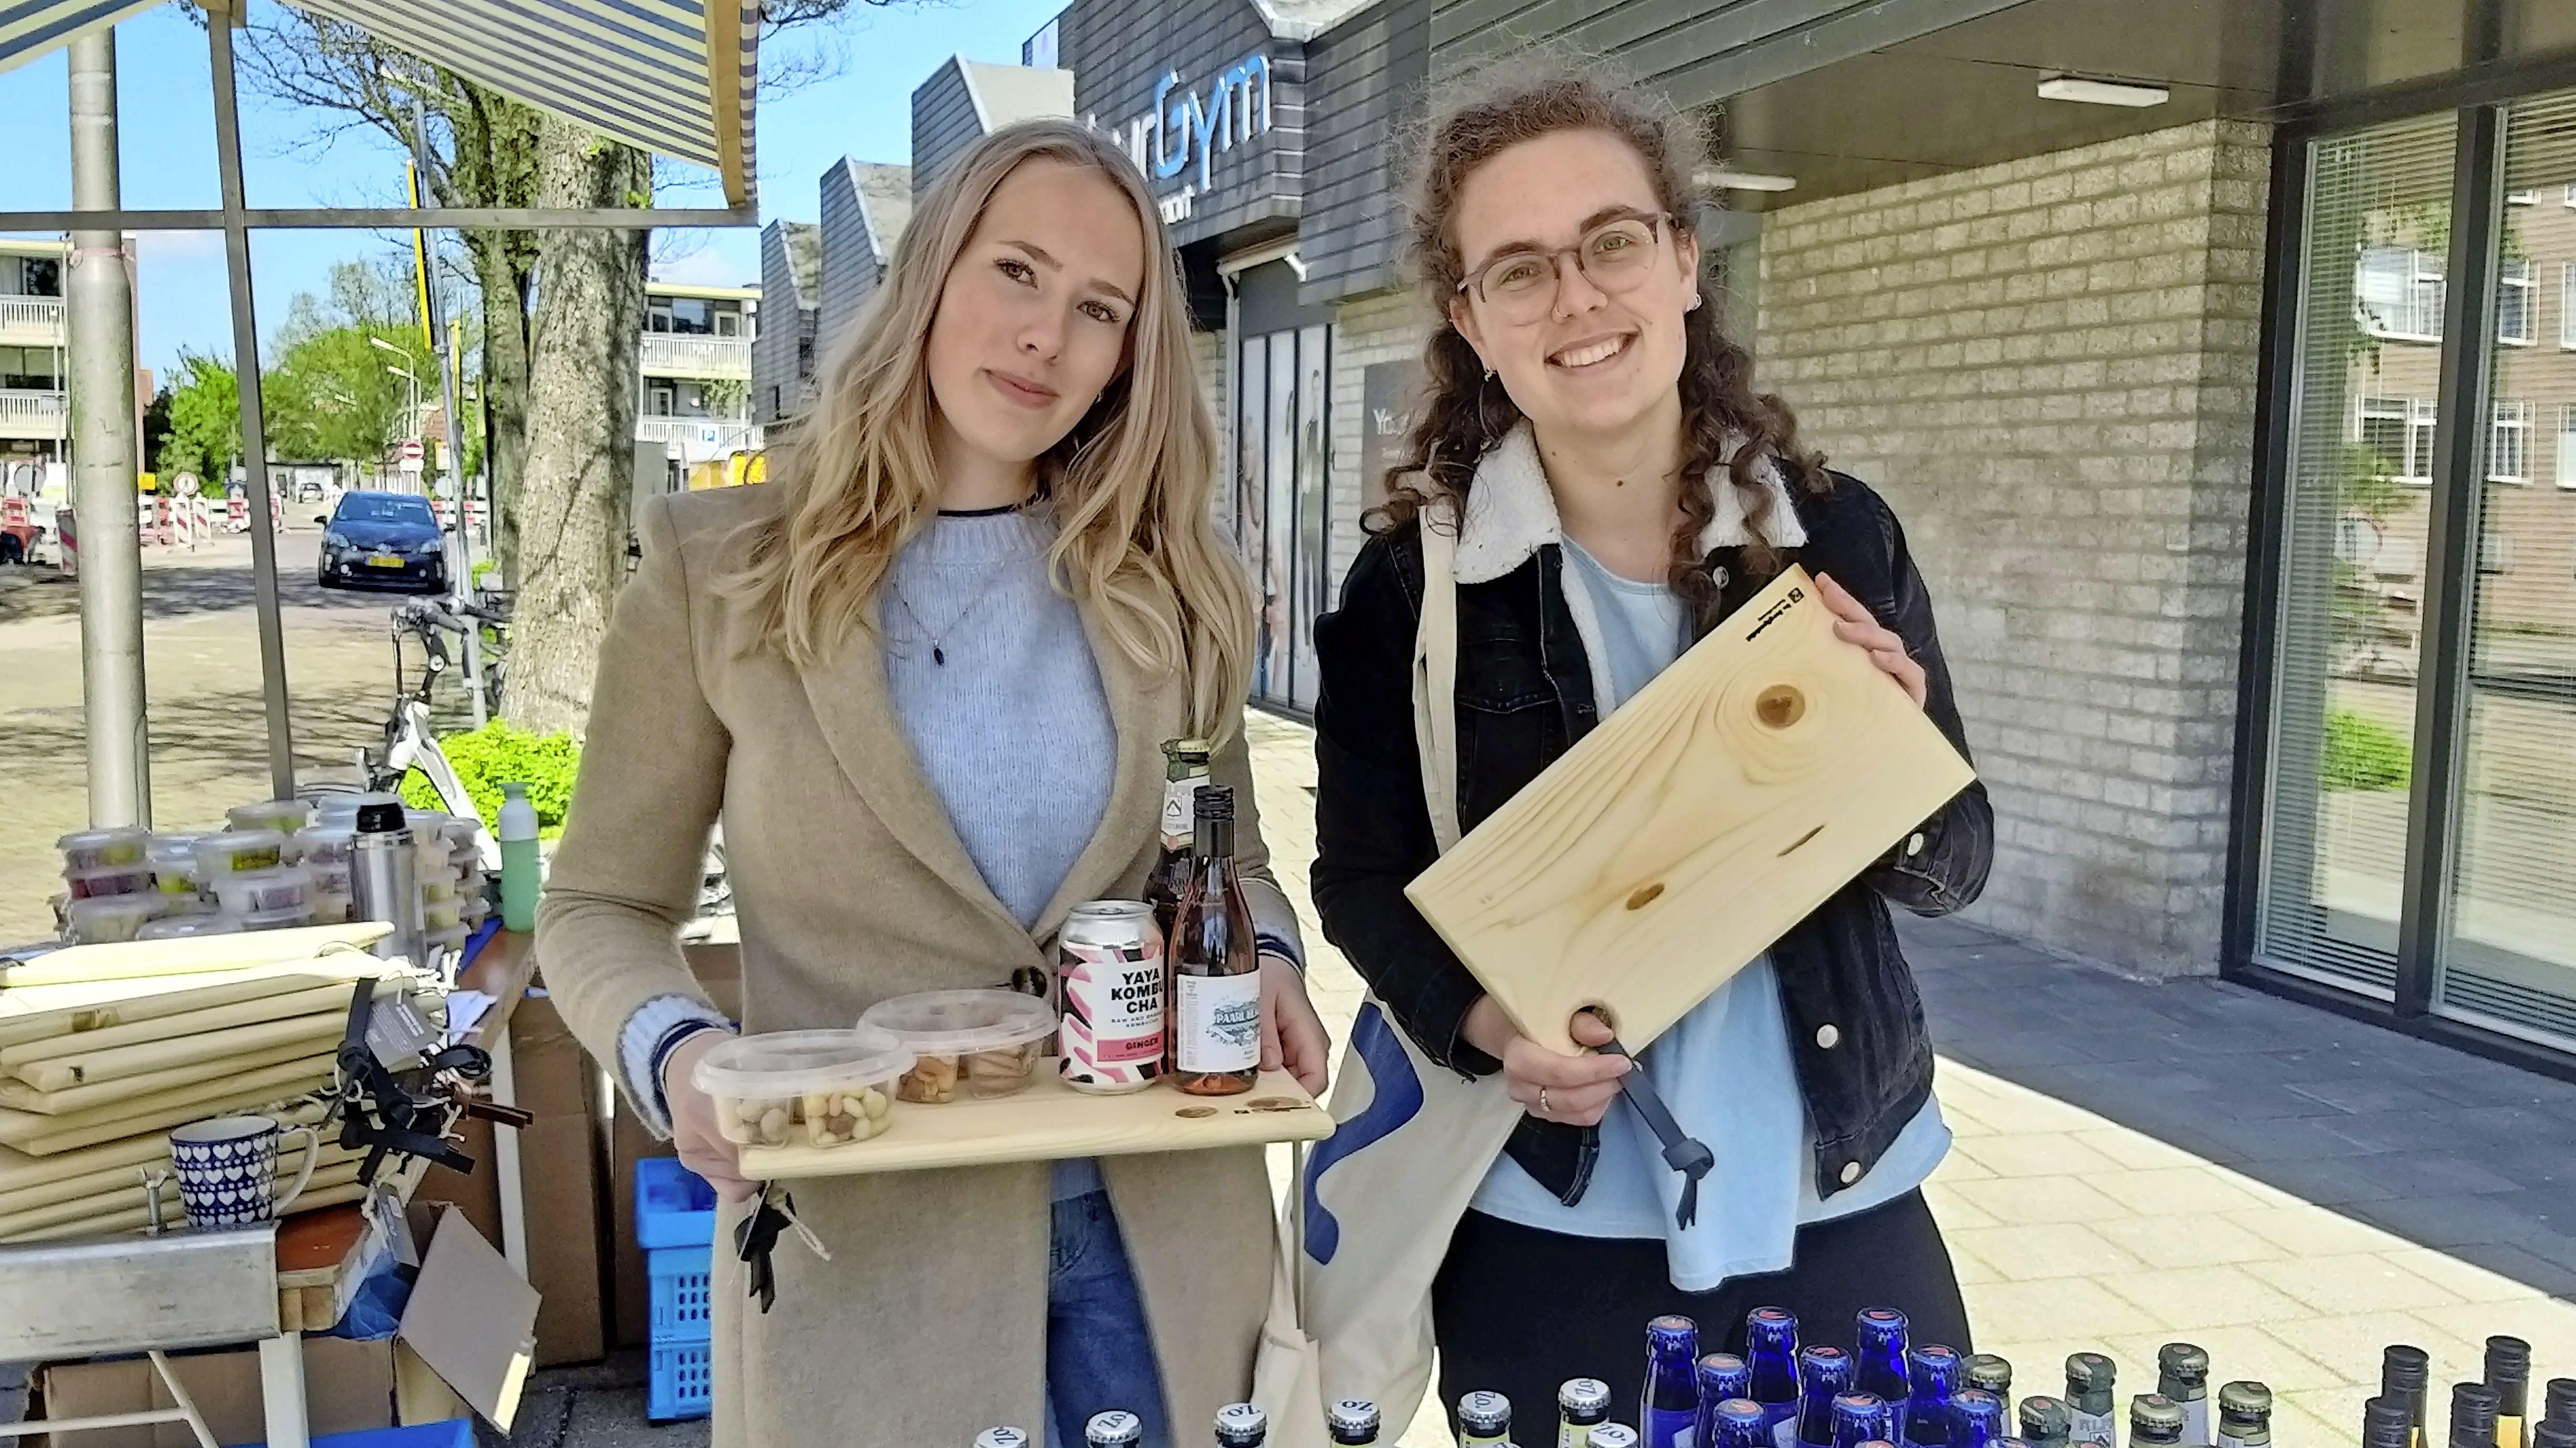 Onderweg: Lucy en Lieke hebben cadeautje voor collega's